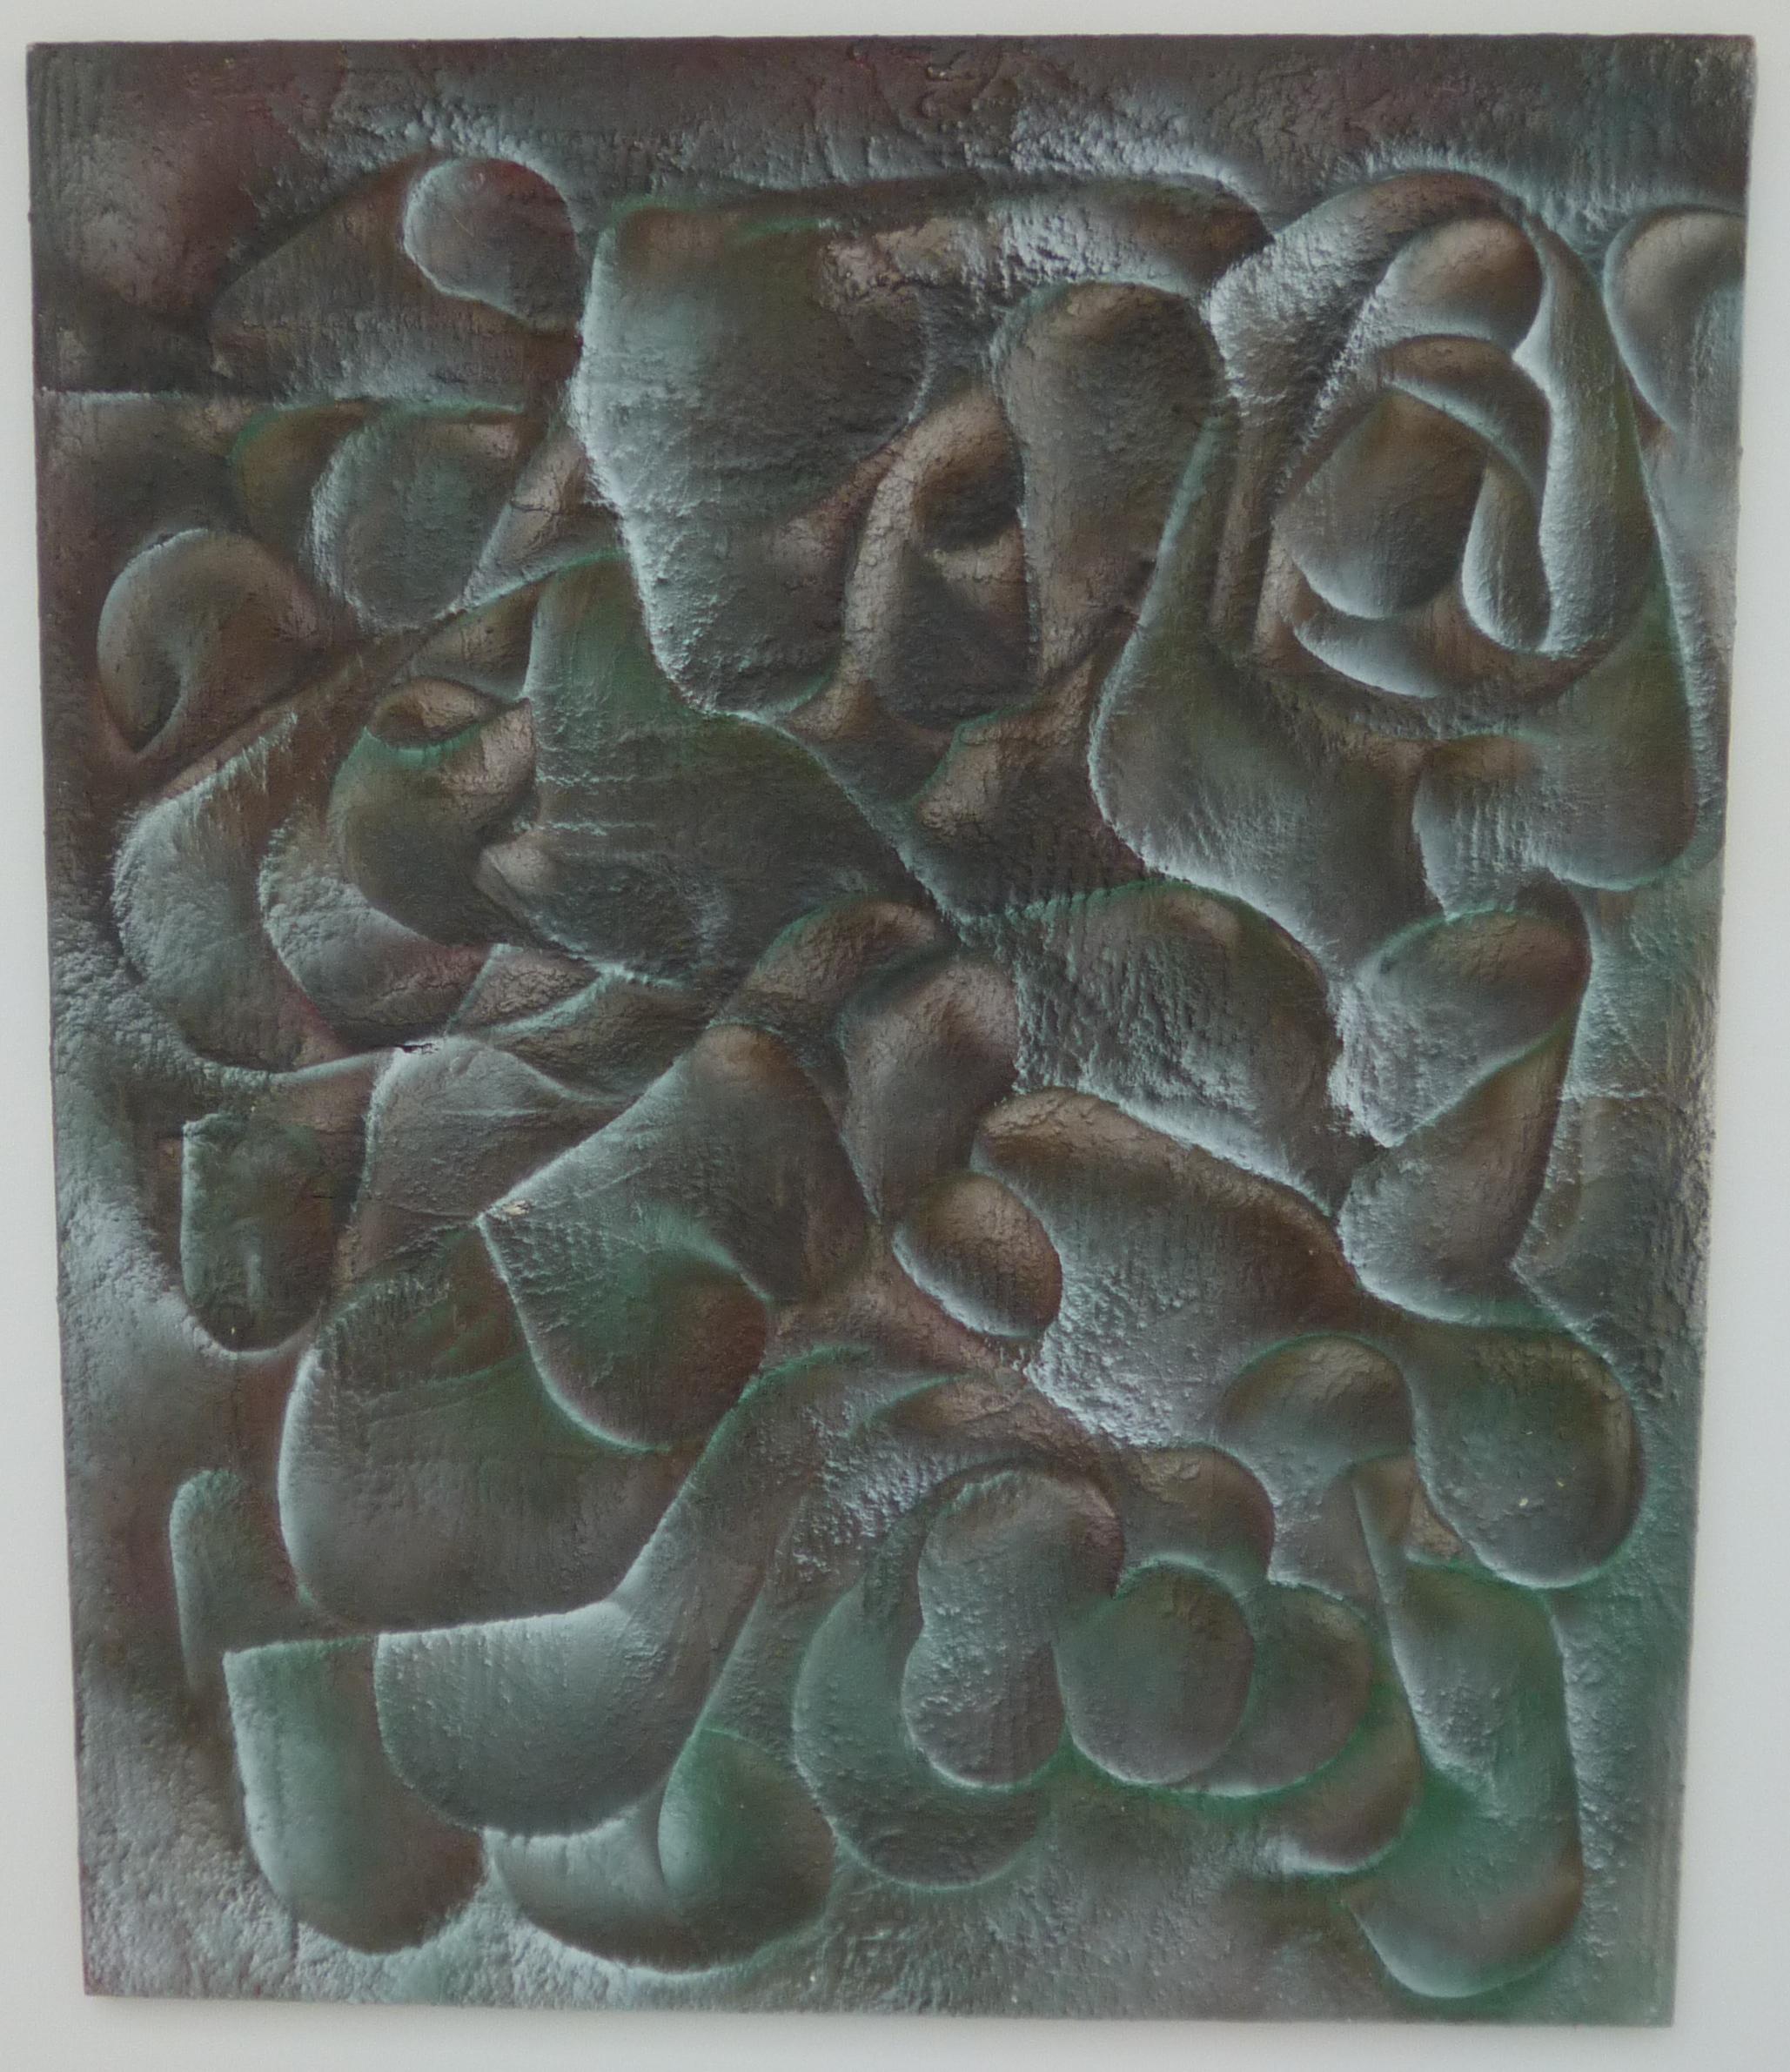 13.Labyrint srdcí a ráj srdce, 2014, kombinovaná technika, 100 x 120